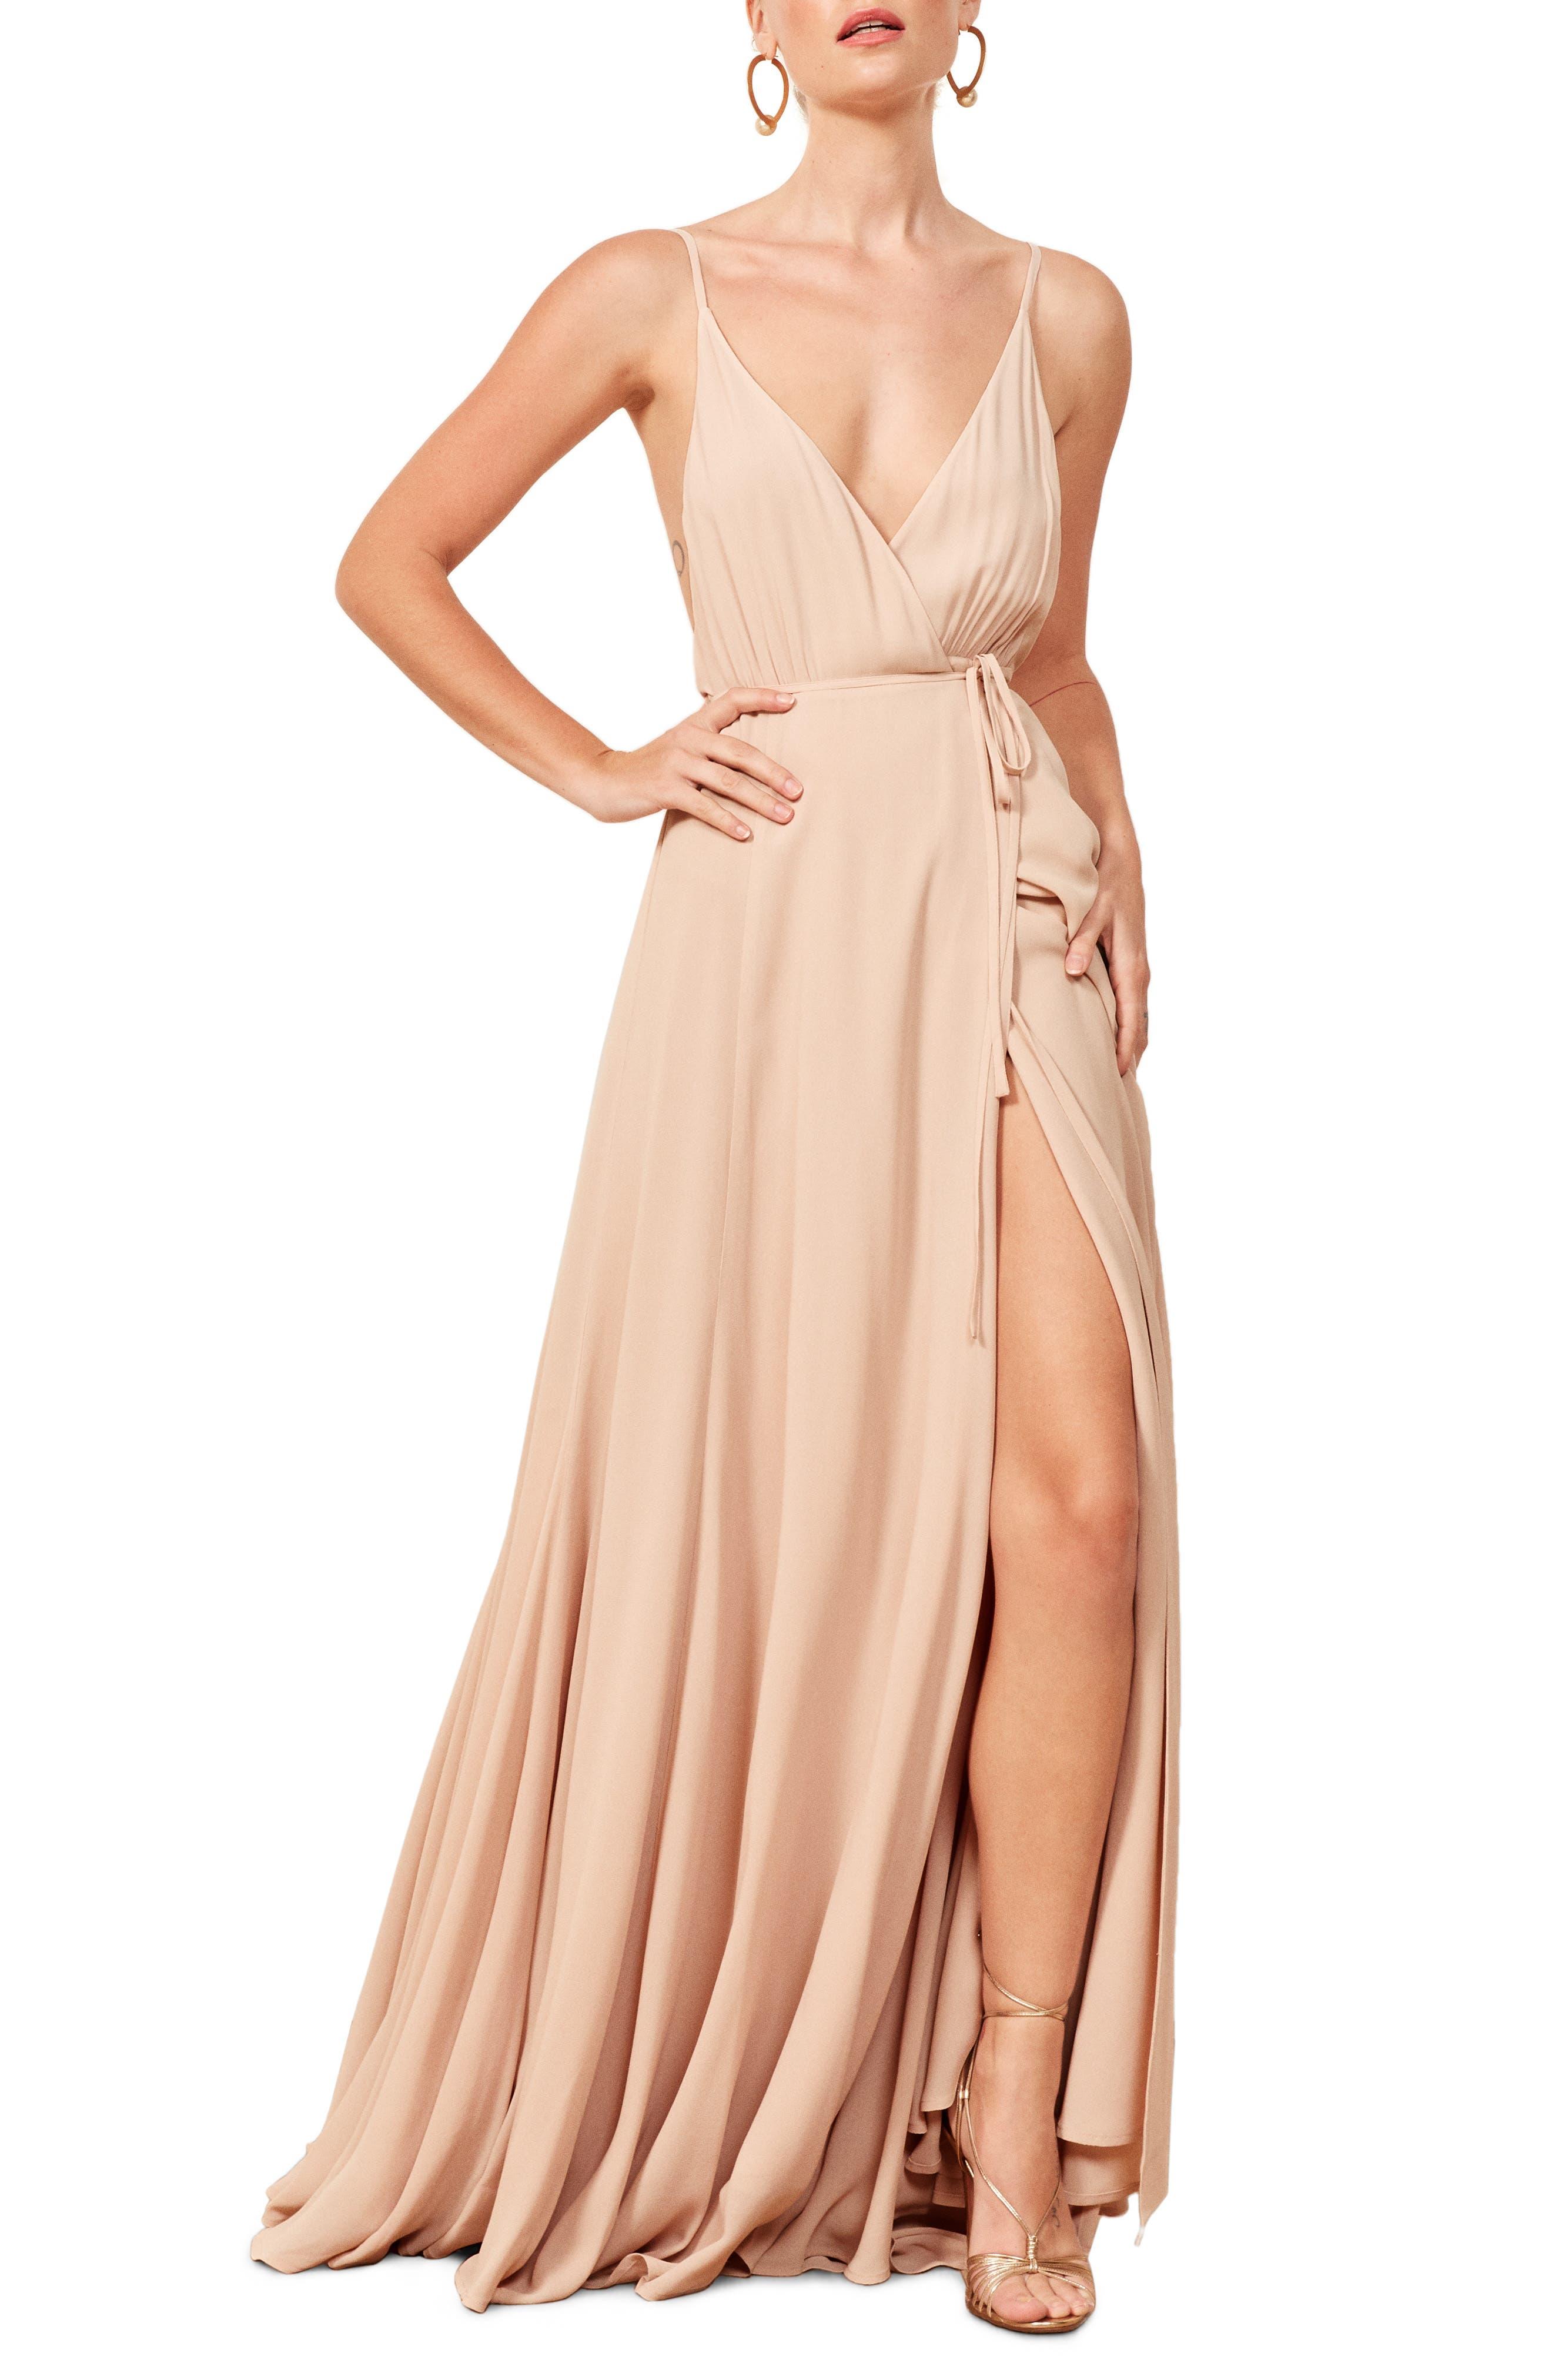 Calalilly Maxi Dress,                             Main thumbnail 1, color,                             CHAMPAGNE